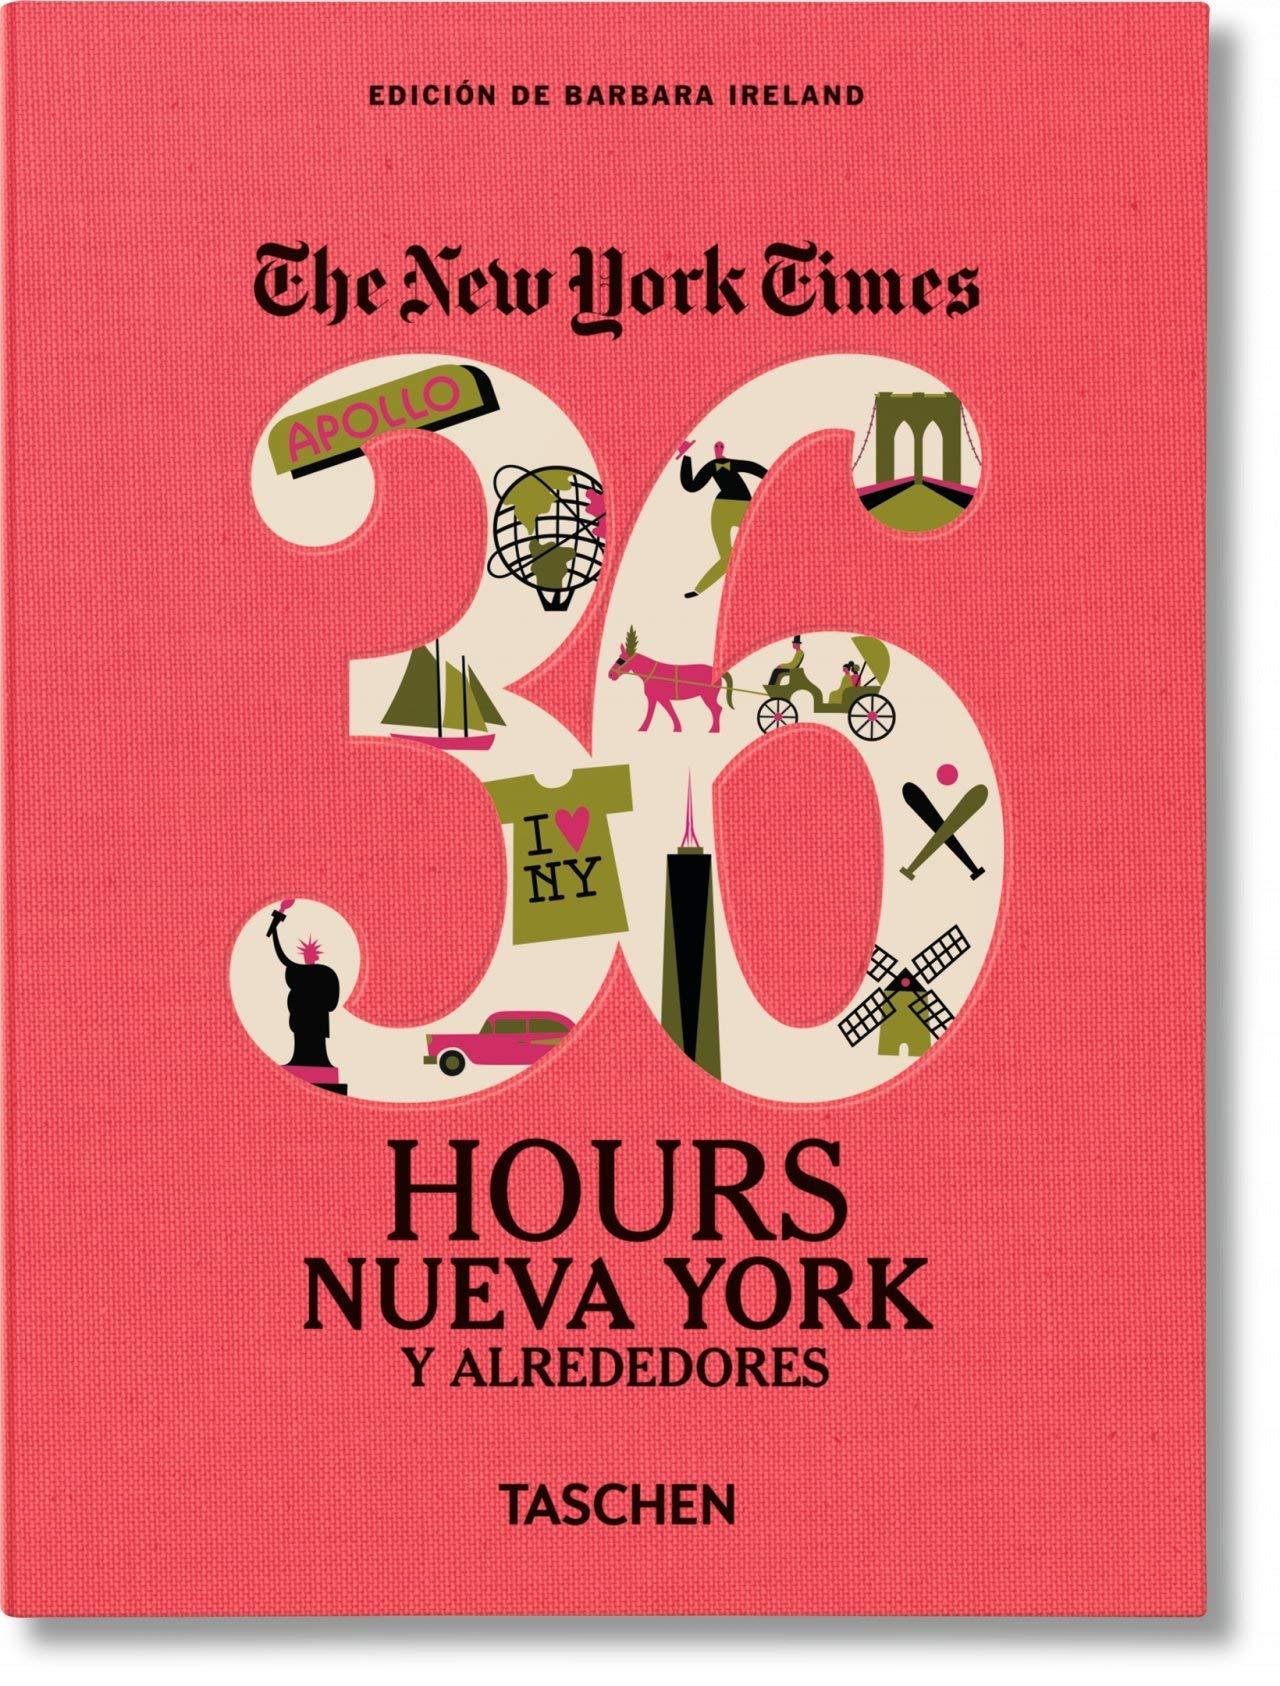 36 hours Nueva York y Alrededores